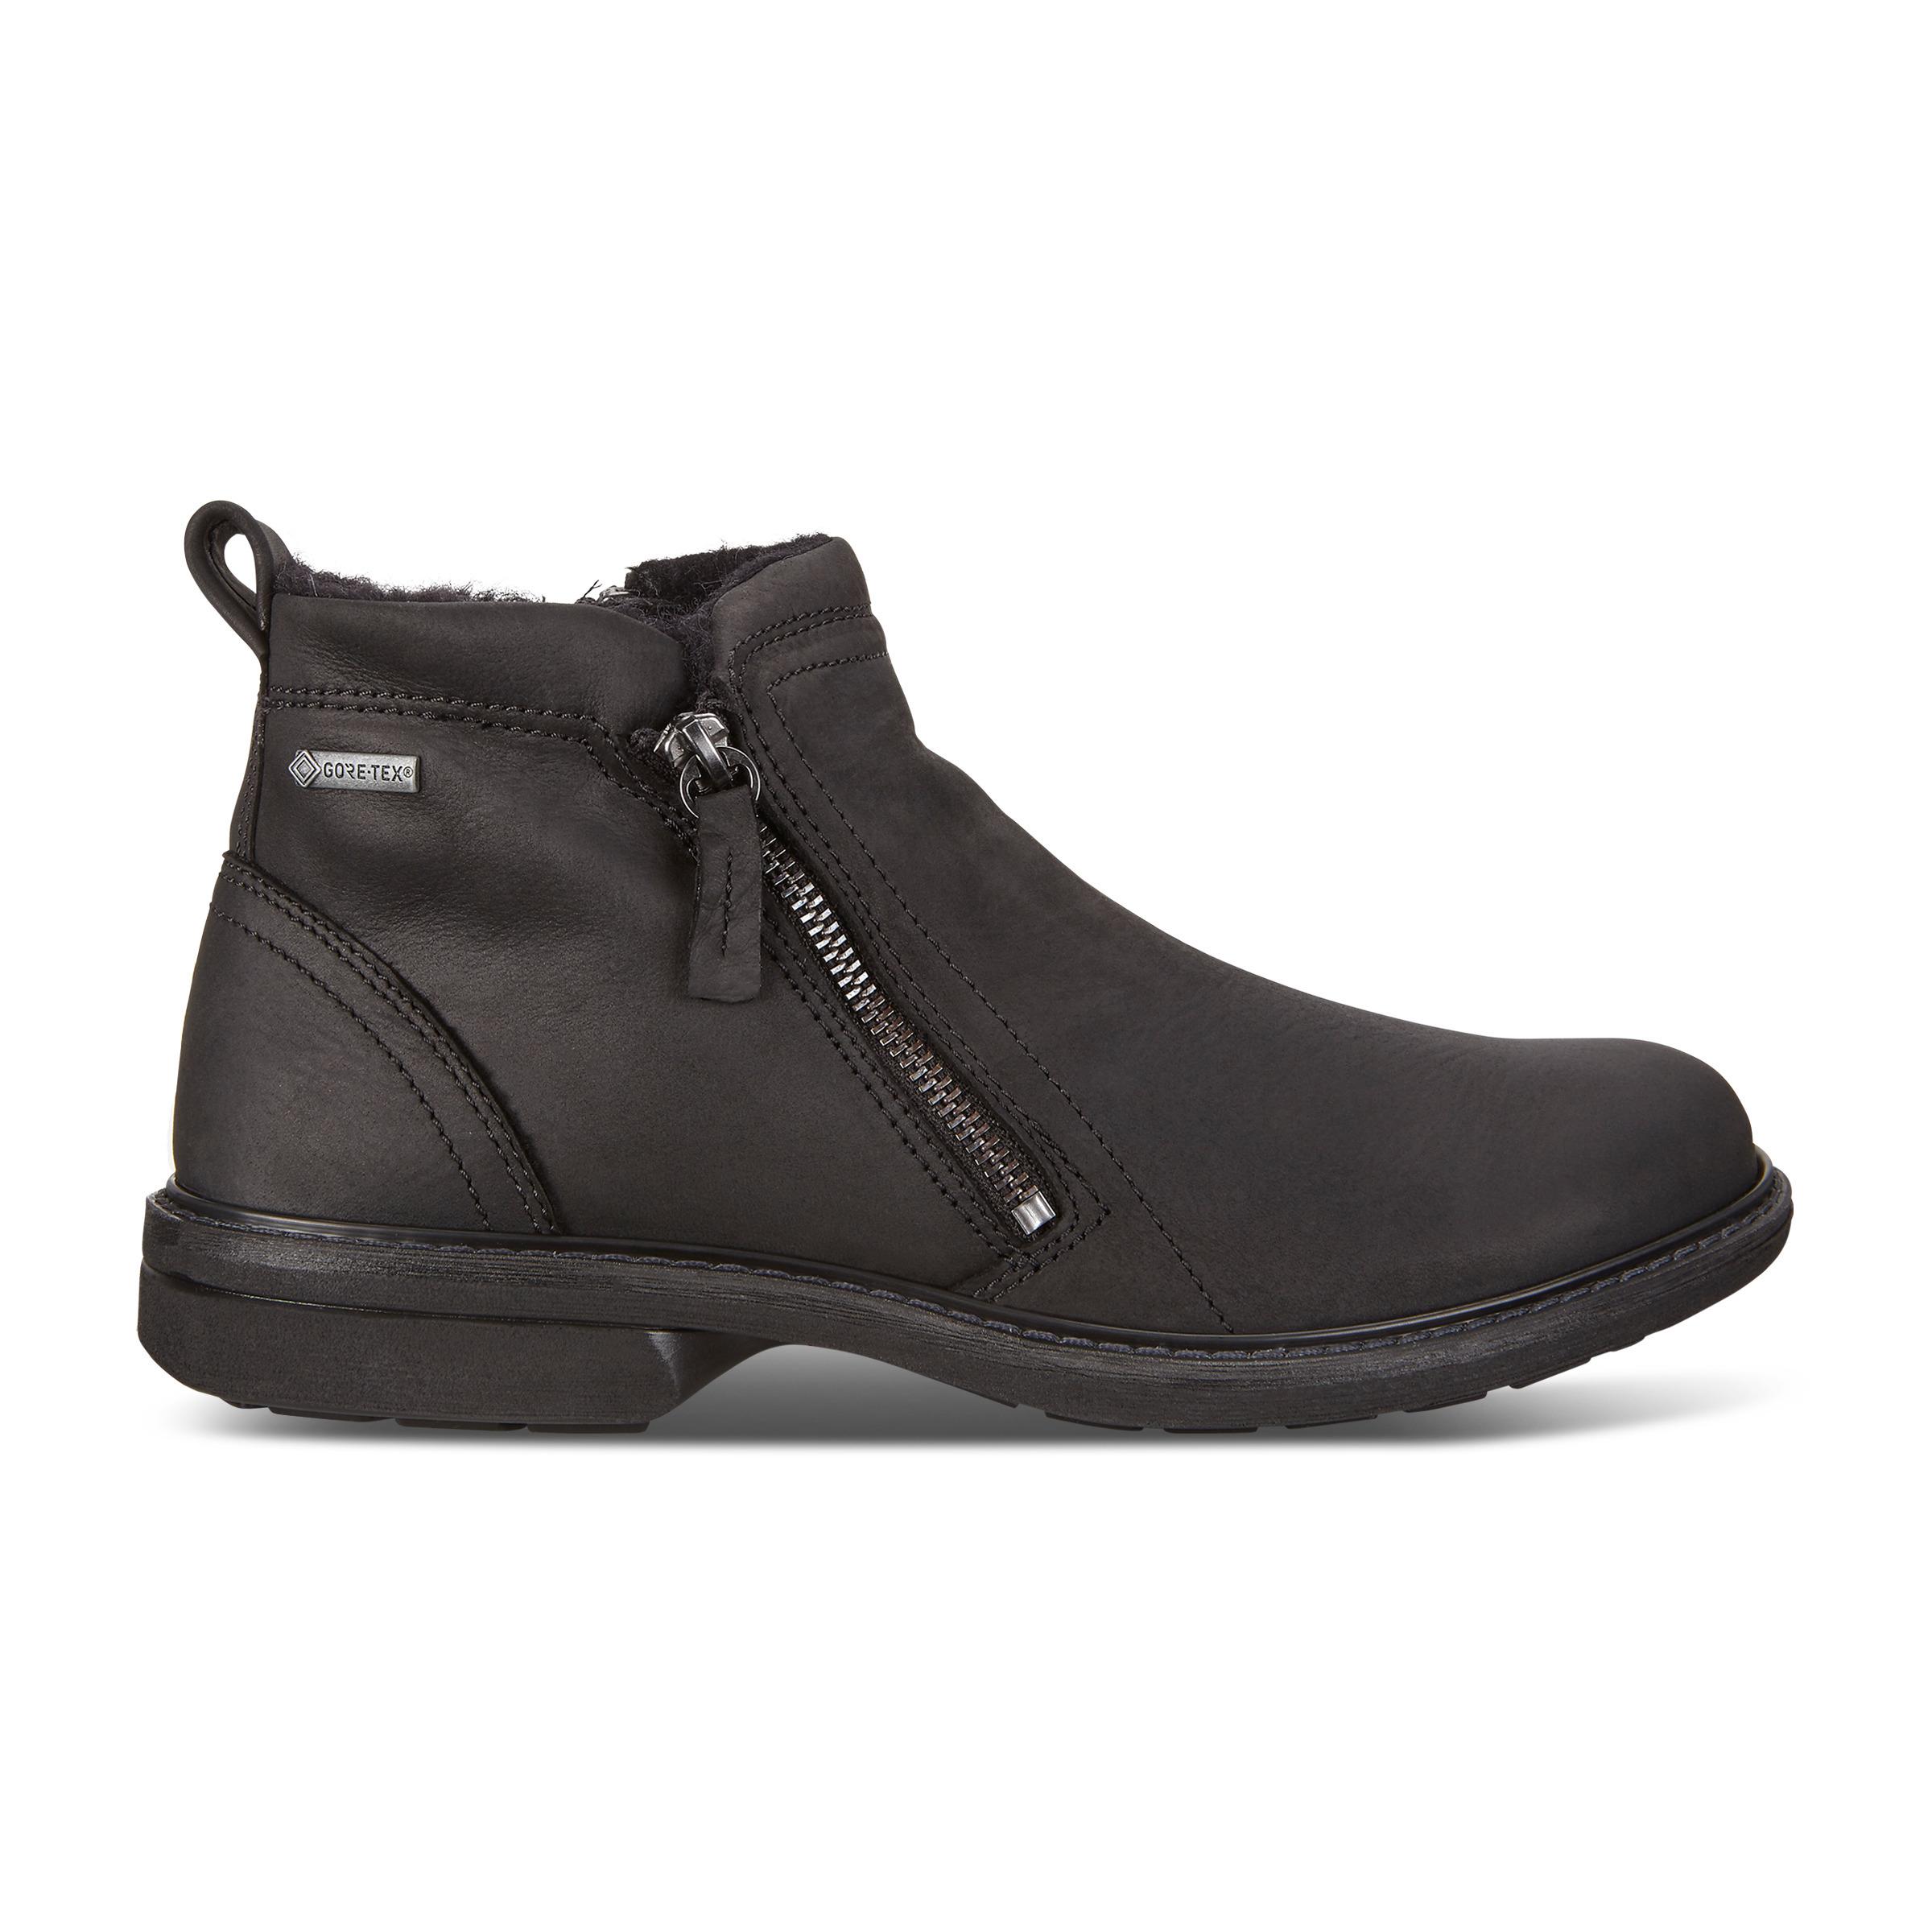 ecco tilbud på støvler, Ecco Turn Kernelæder Sort Støvler